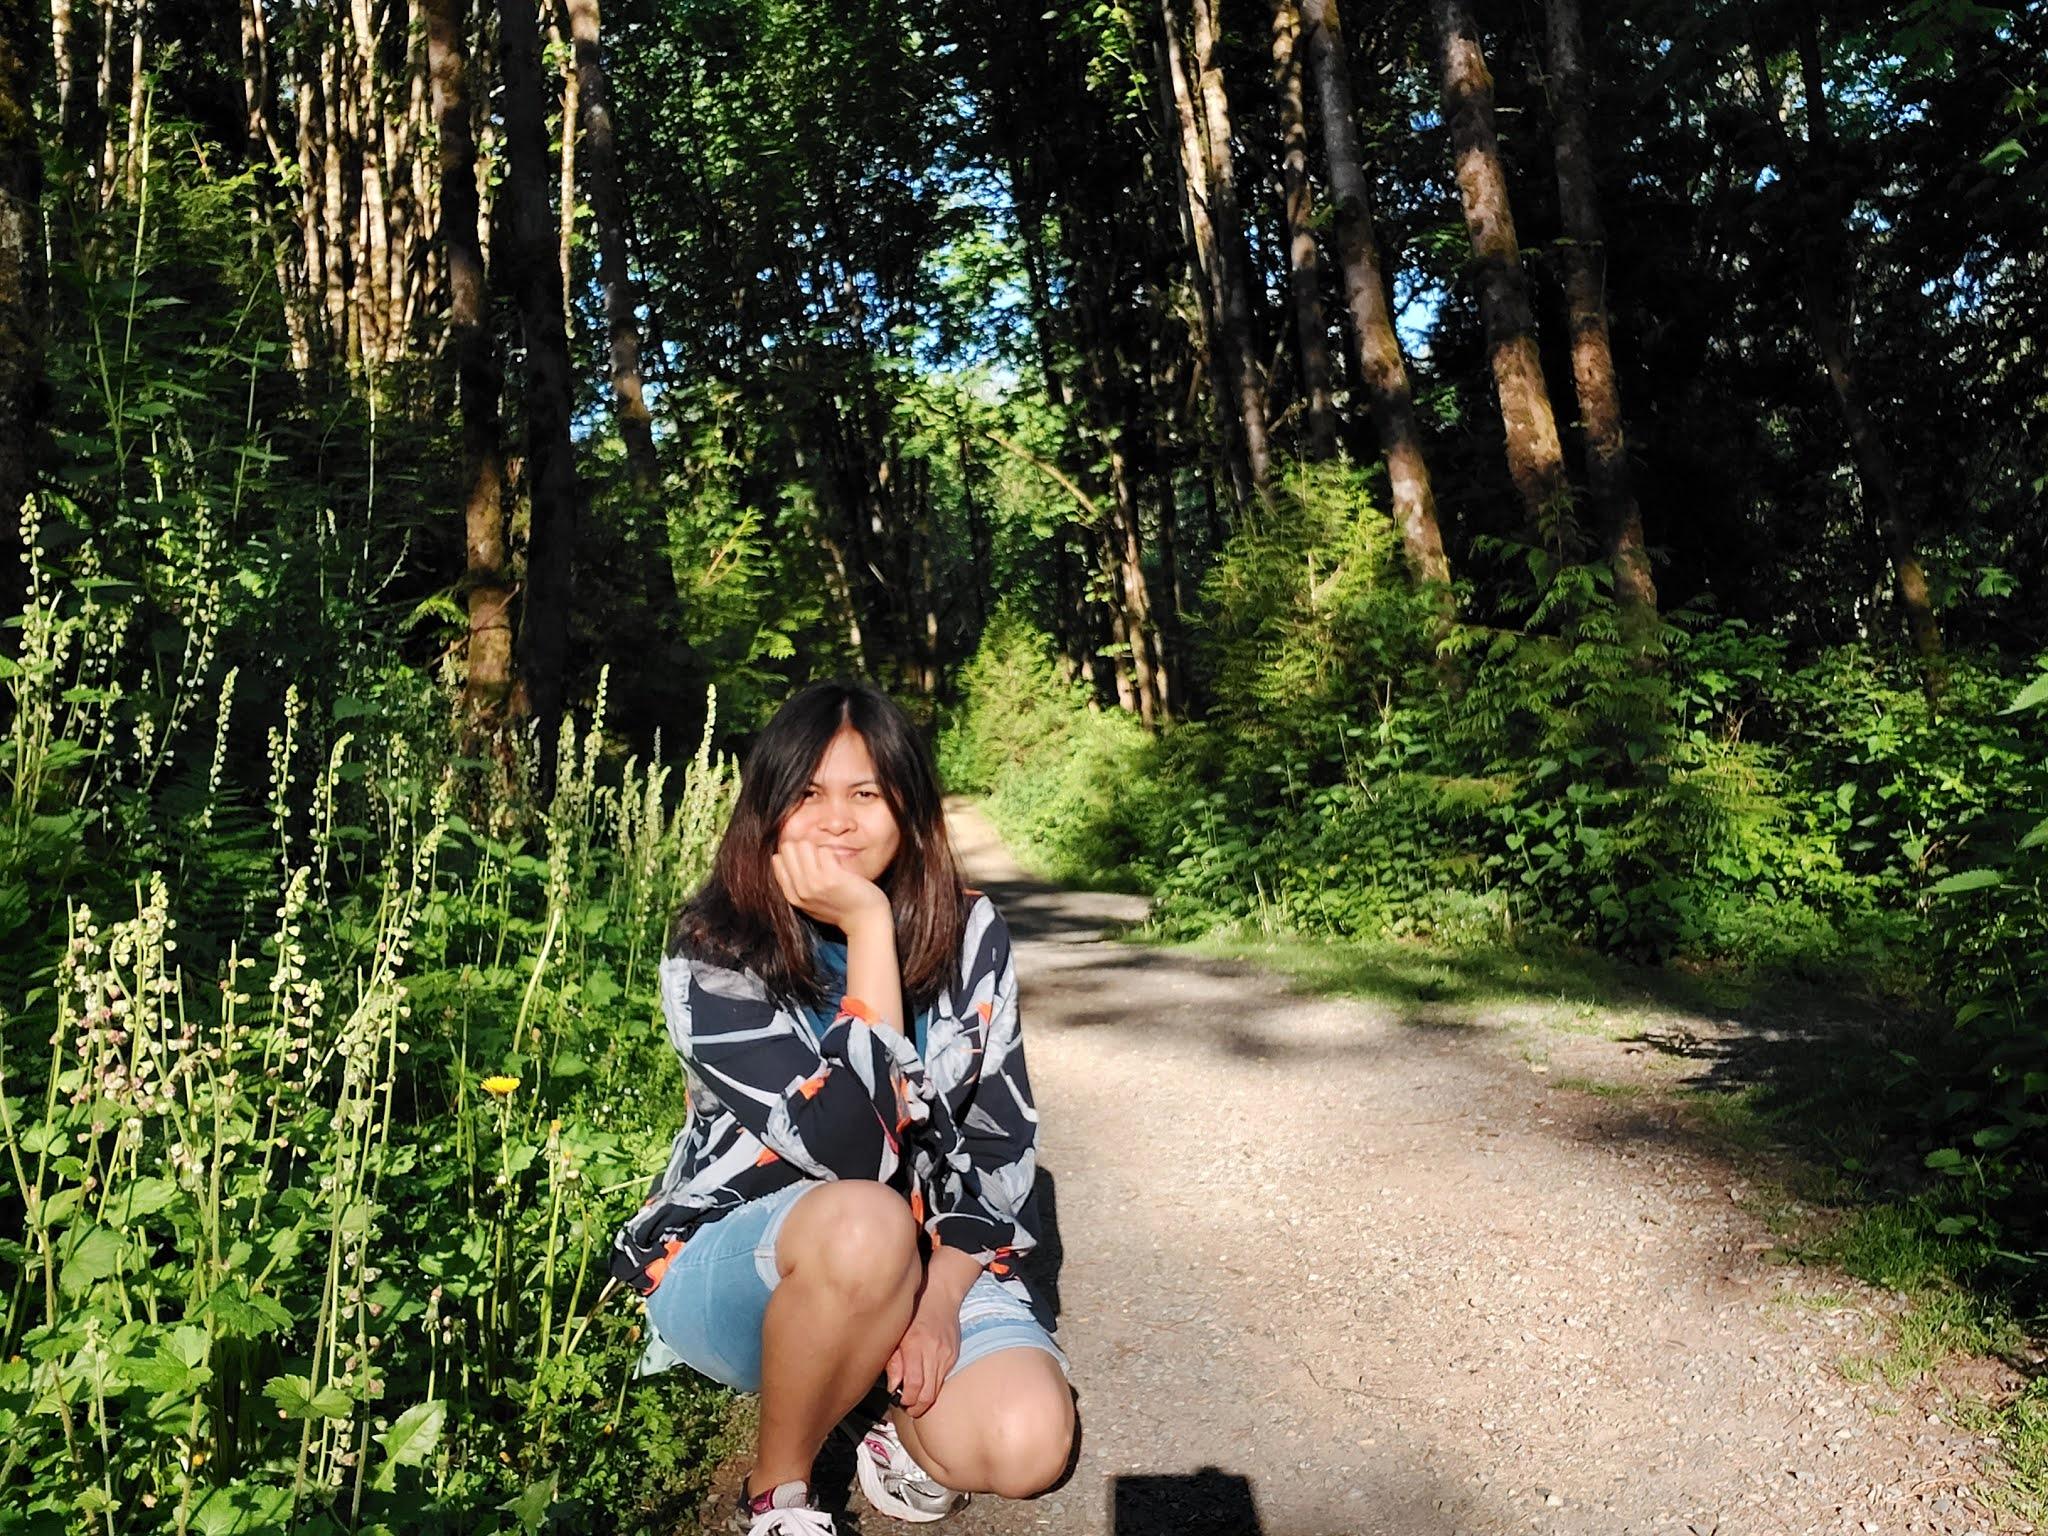 Locing in nature